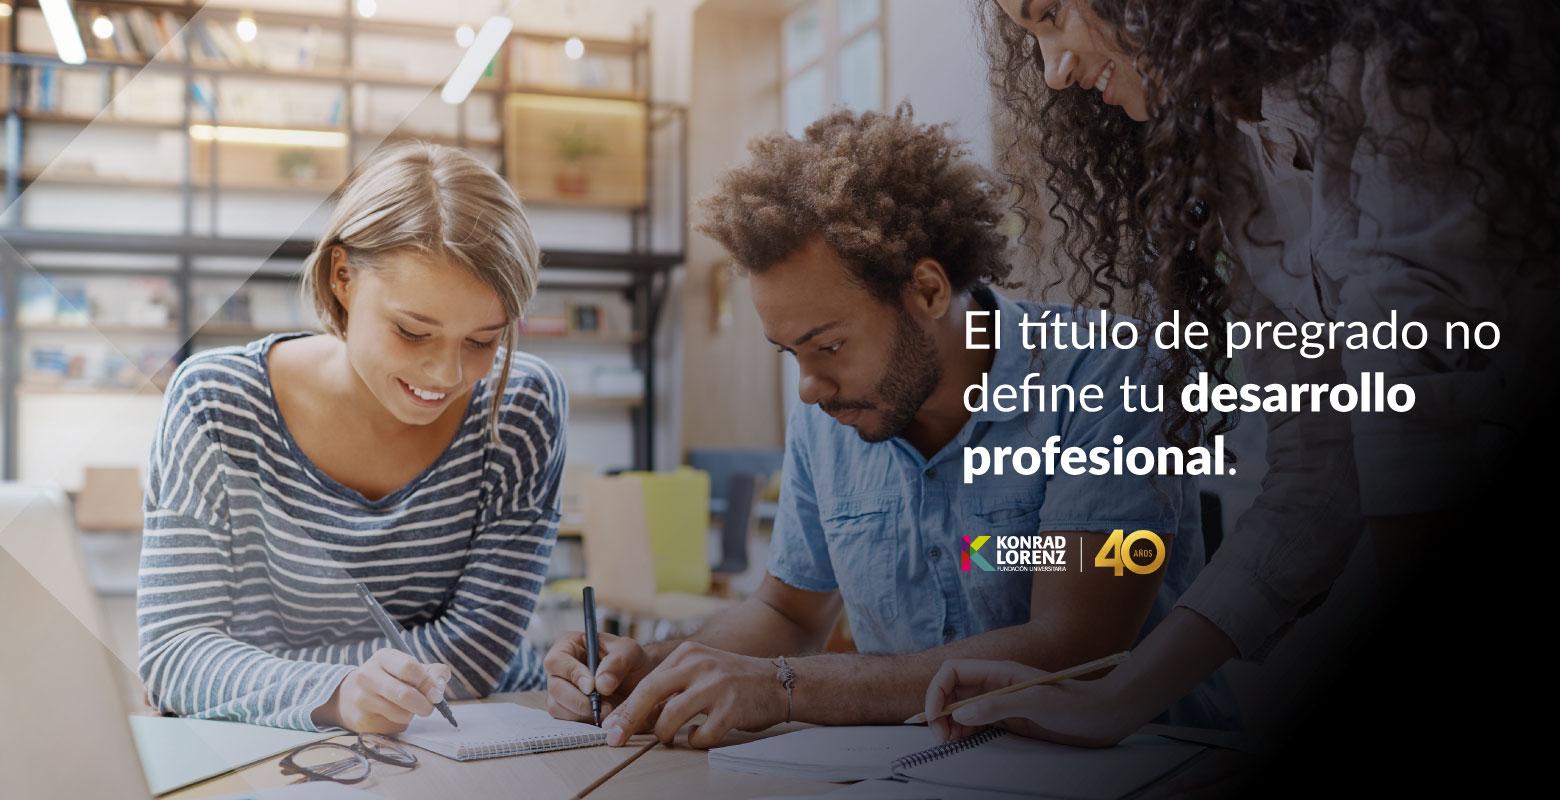 El título de pregrado no define tu desarrollo profesional. Tus capacidades y competencias desarrolladas en este programa sí lo definen.